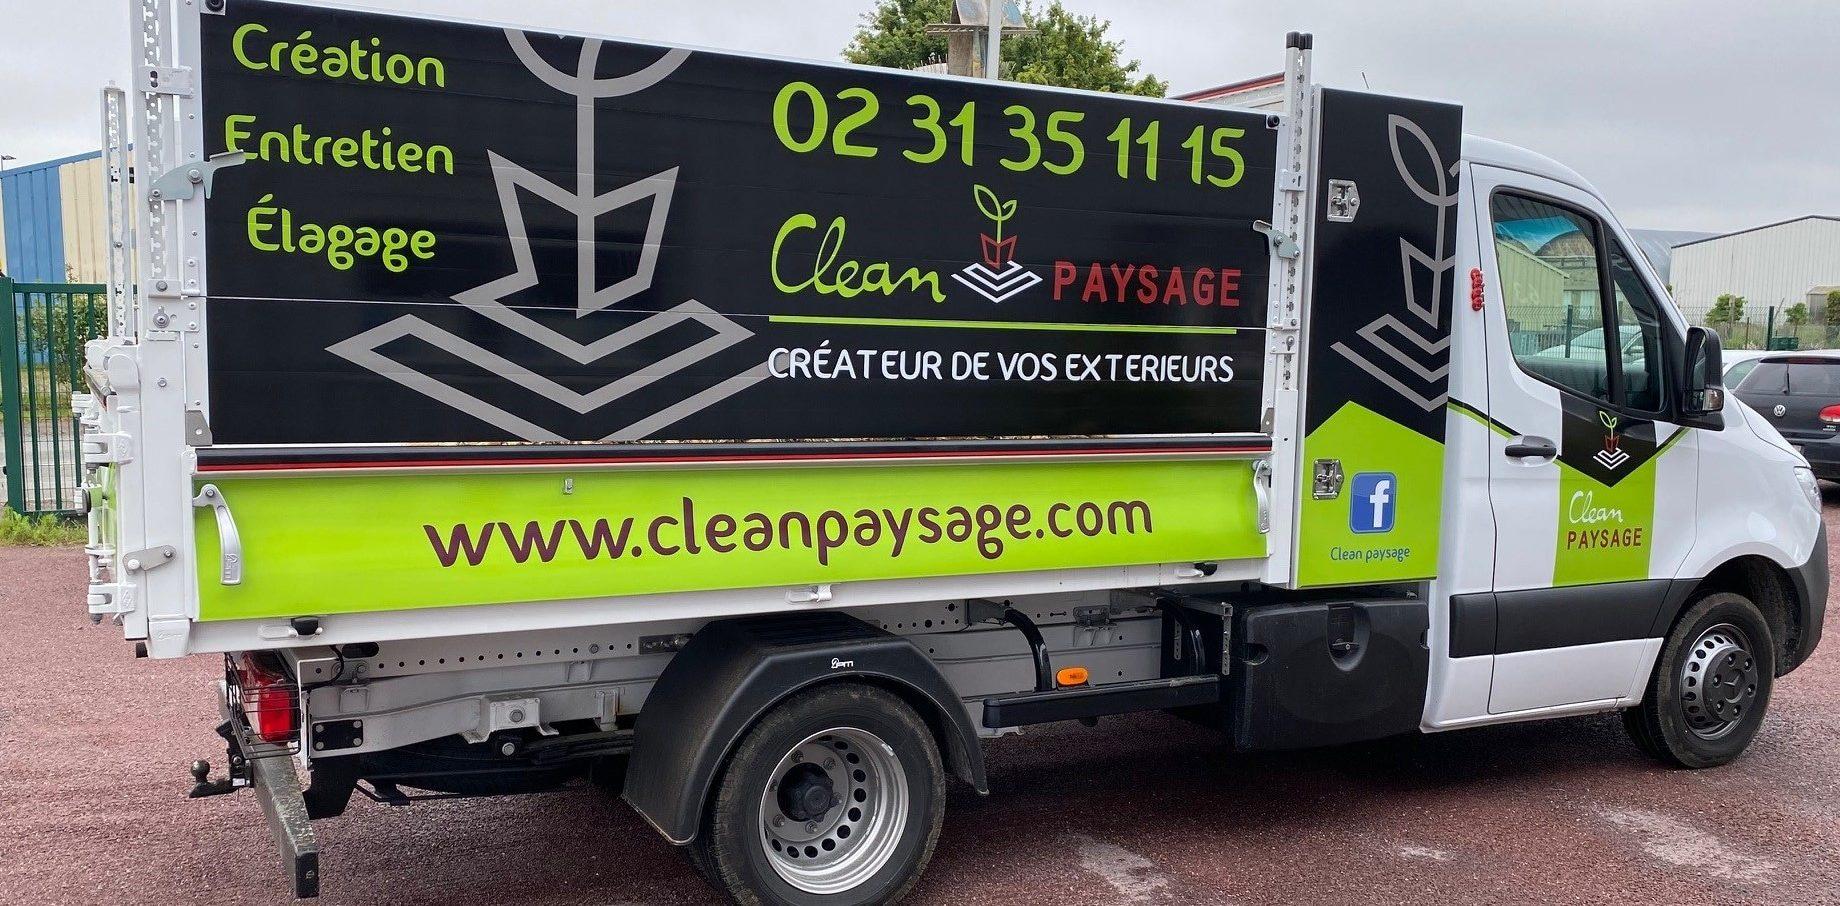 Un joli covering pour le camion de la société Clean Paysage